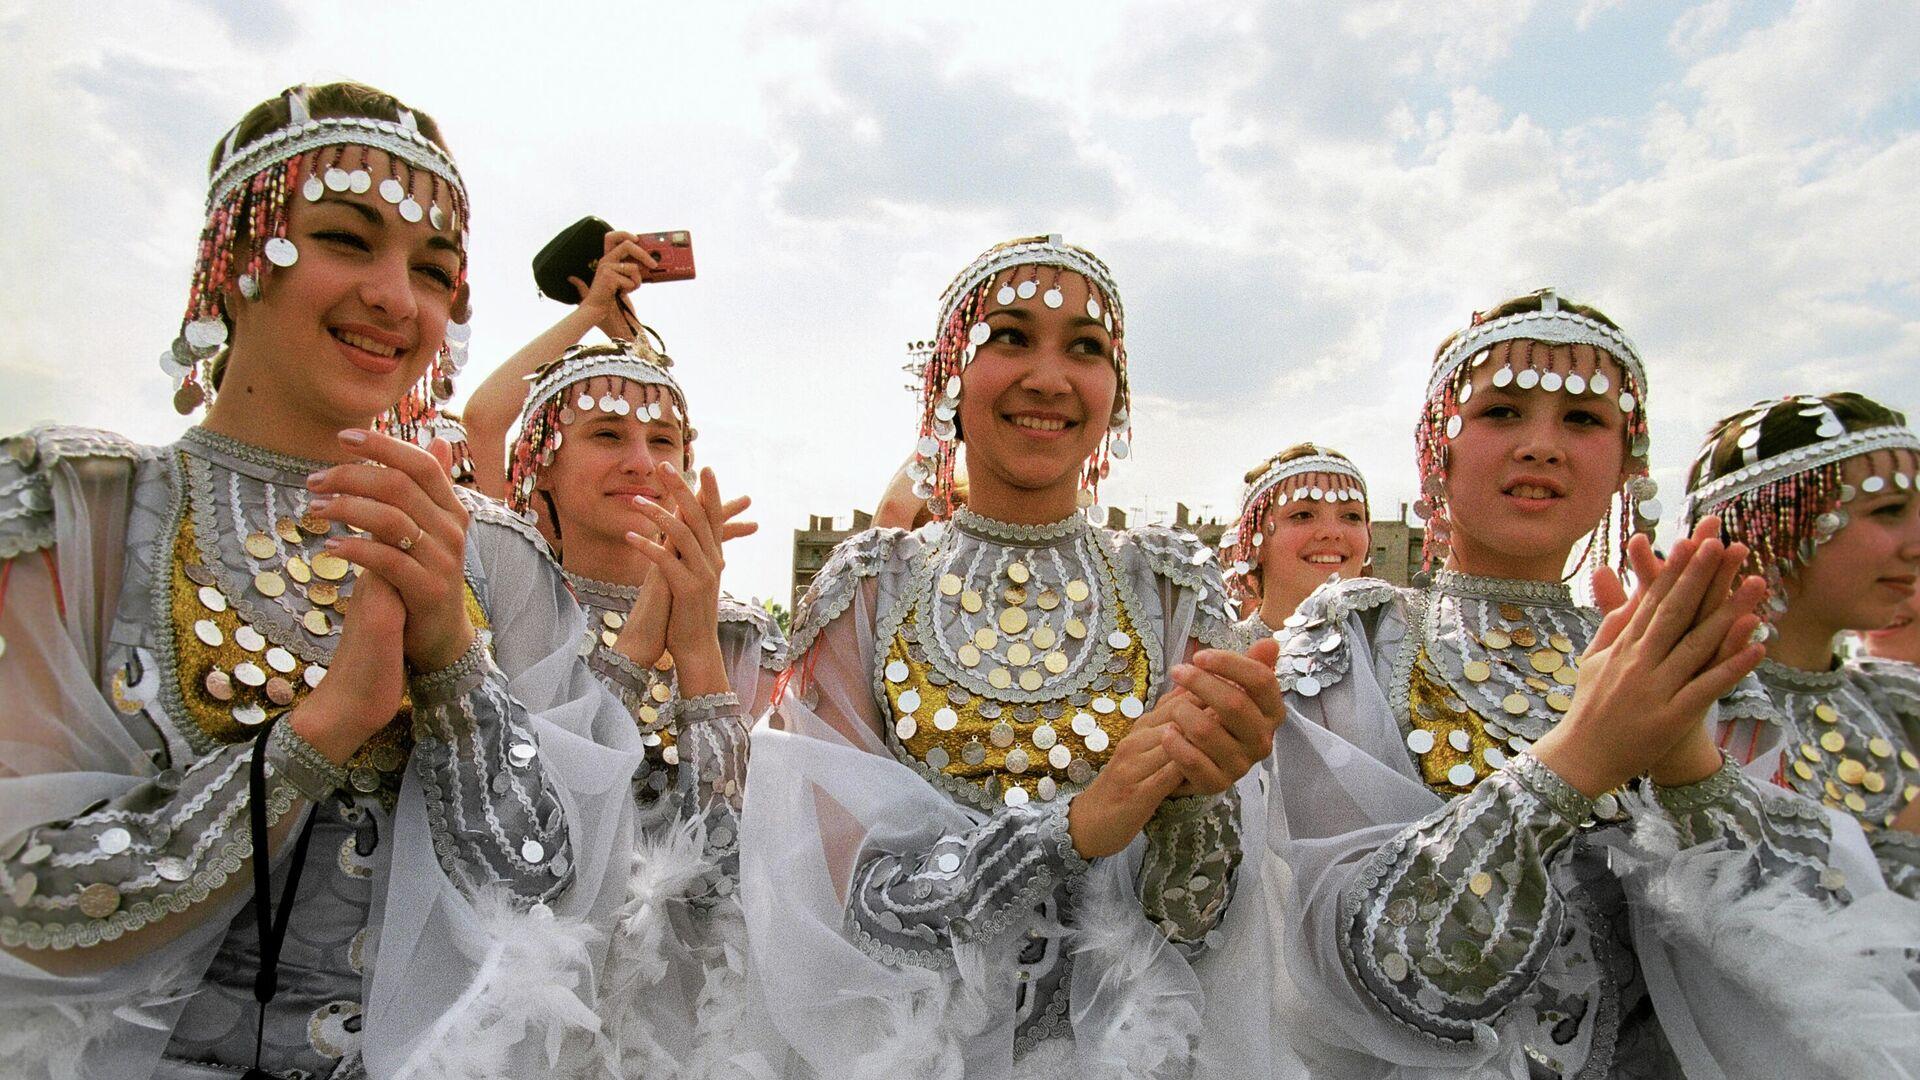 Башкирские девушки в национальных костюмах - РИА Новости, 1920, 11.12.2020